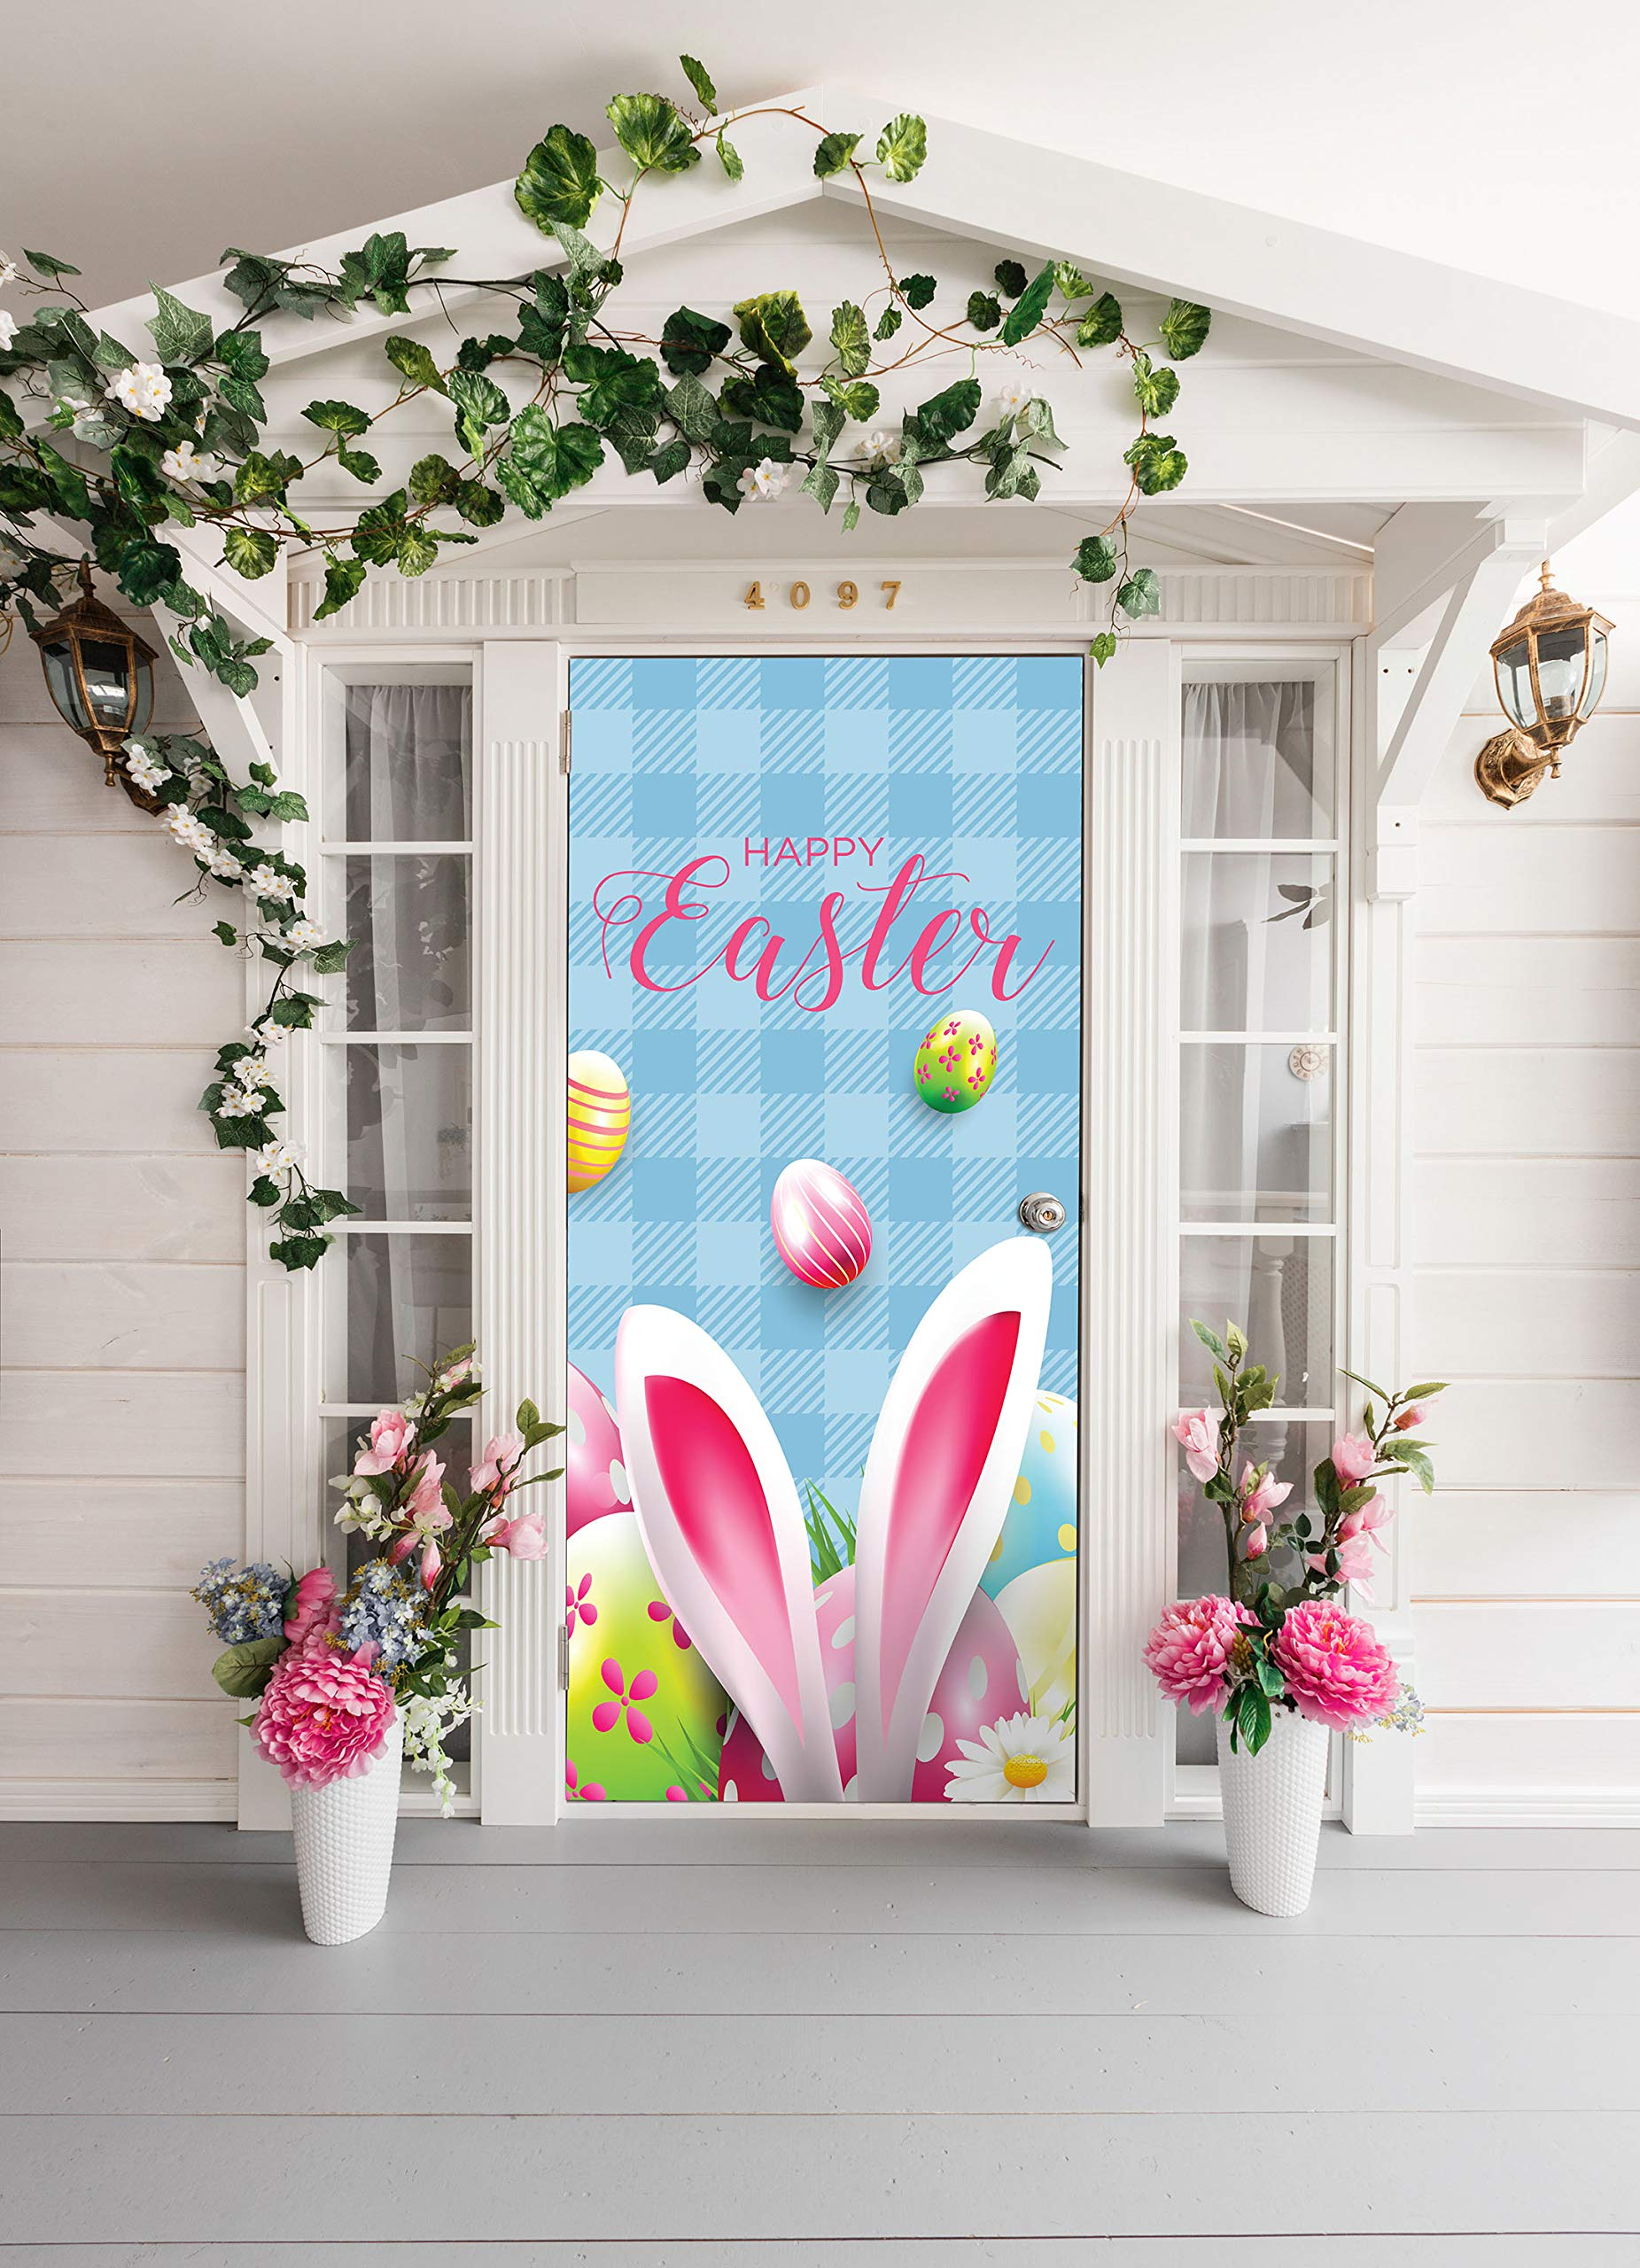 Victory Corps Happy Easter Bunny Ears - Holiday Front Door Banner Mural Sign Décor 36'' x 80'' Front Door - The Original Holiday Front Door Banner Decor